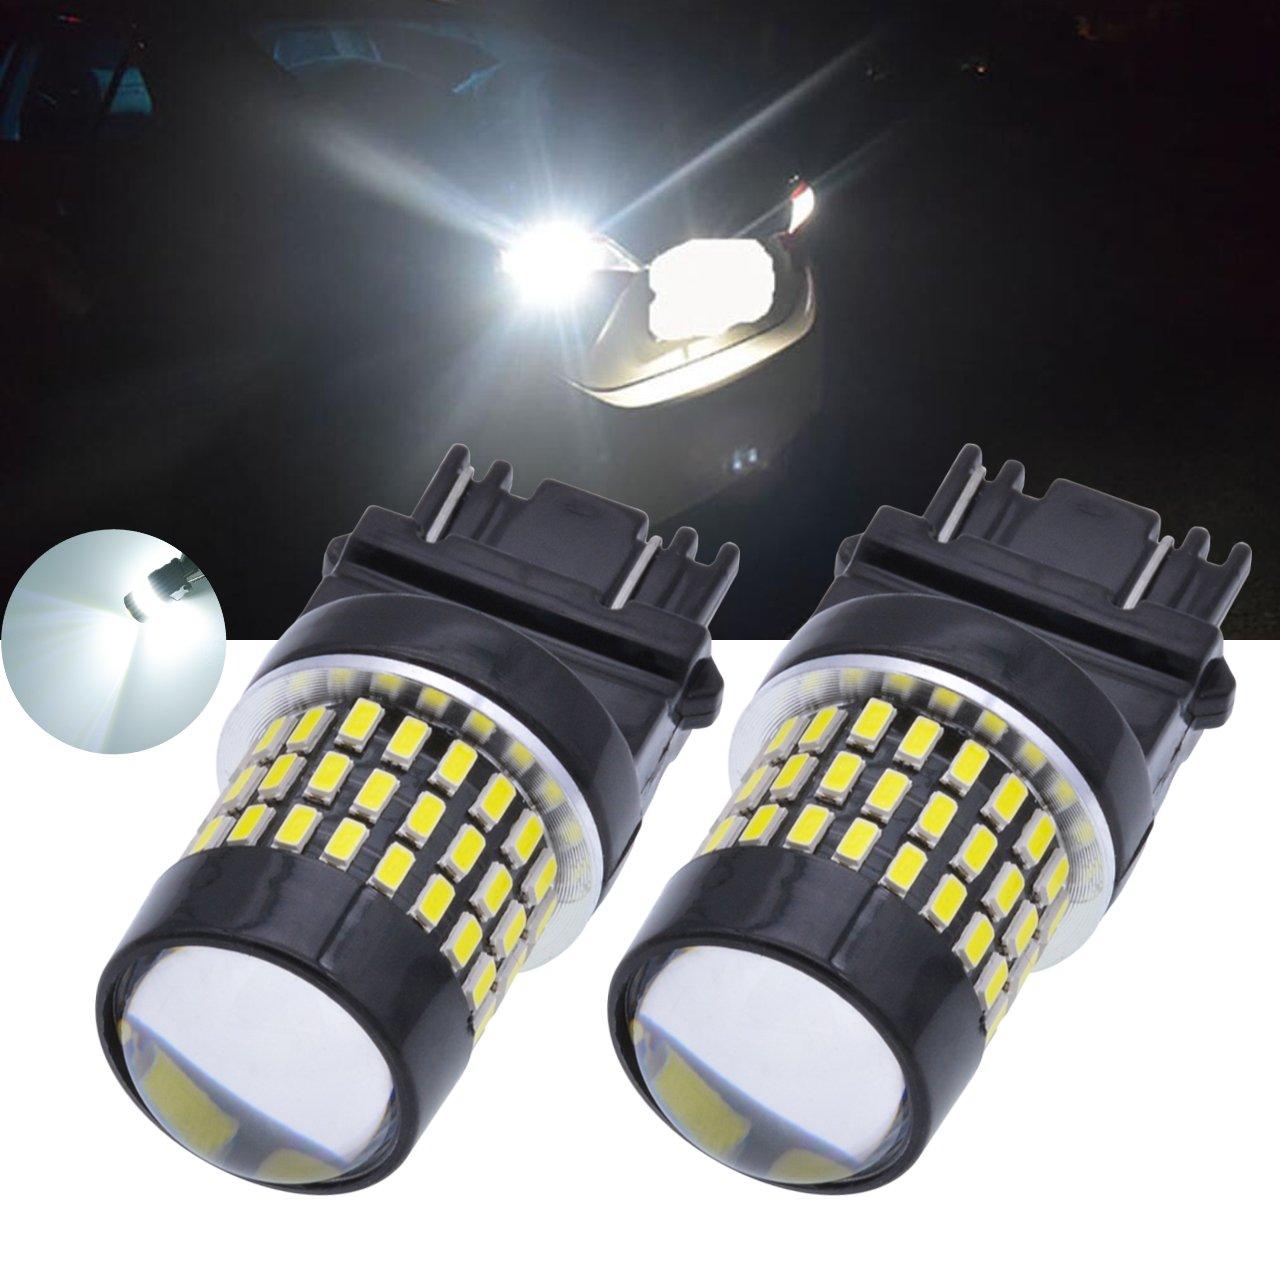 Tuincyn - Lot de 2 ampoules blanches 900 lumens 3047, 3057, 3057A, 3155, 3157, 3157A Base 3014 78smd - Pour ampoule LED de rechange de feu stop DC 12 V-24 V 4 W BHBAZUALIn4988